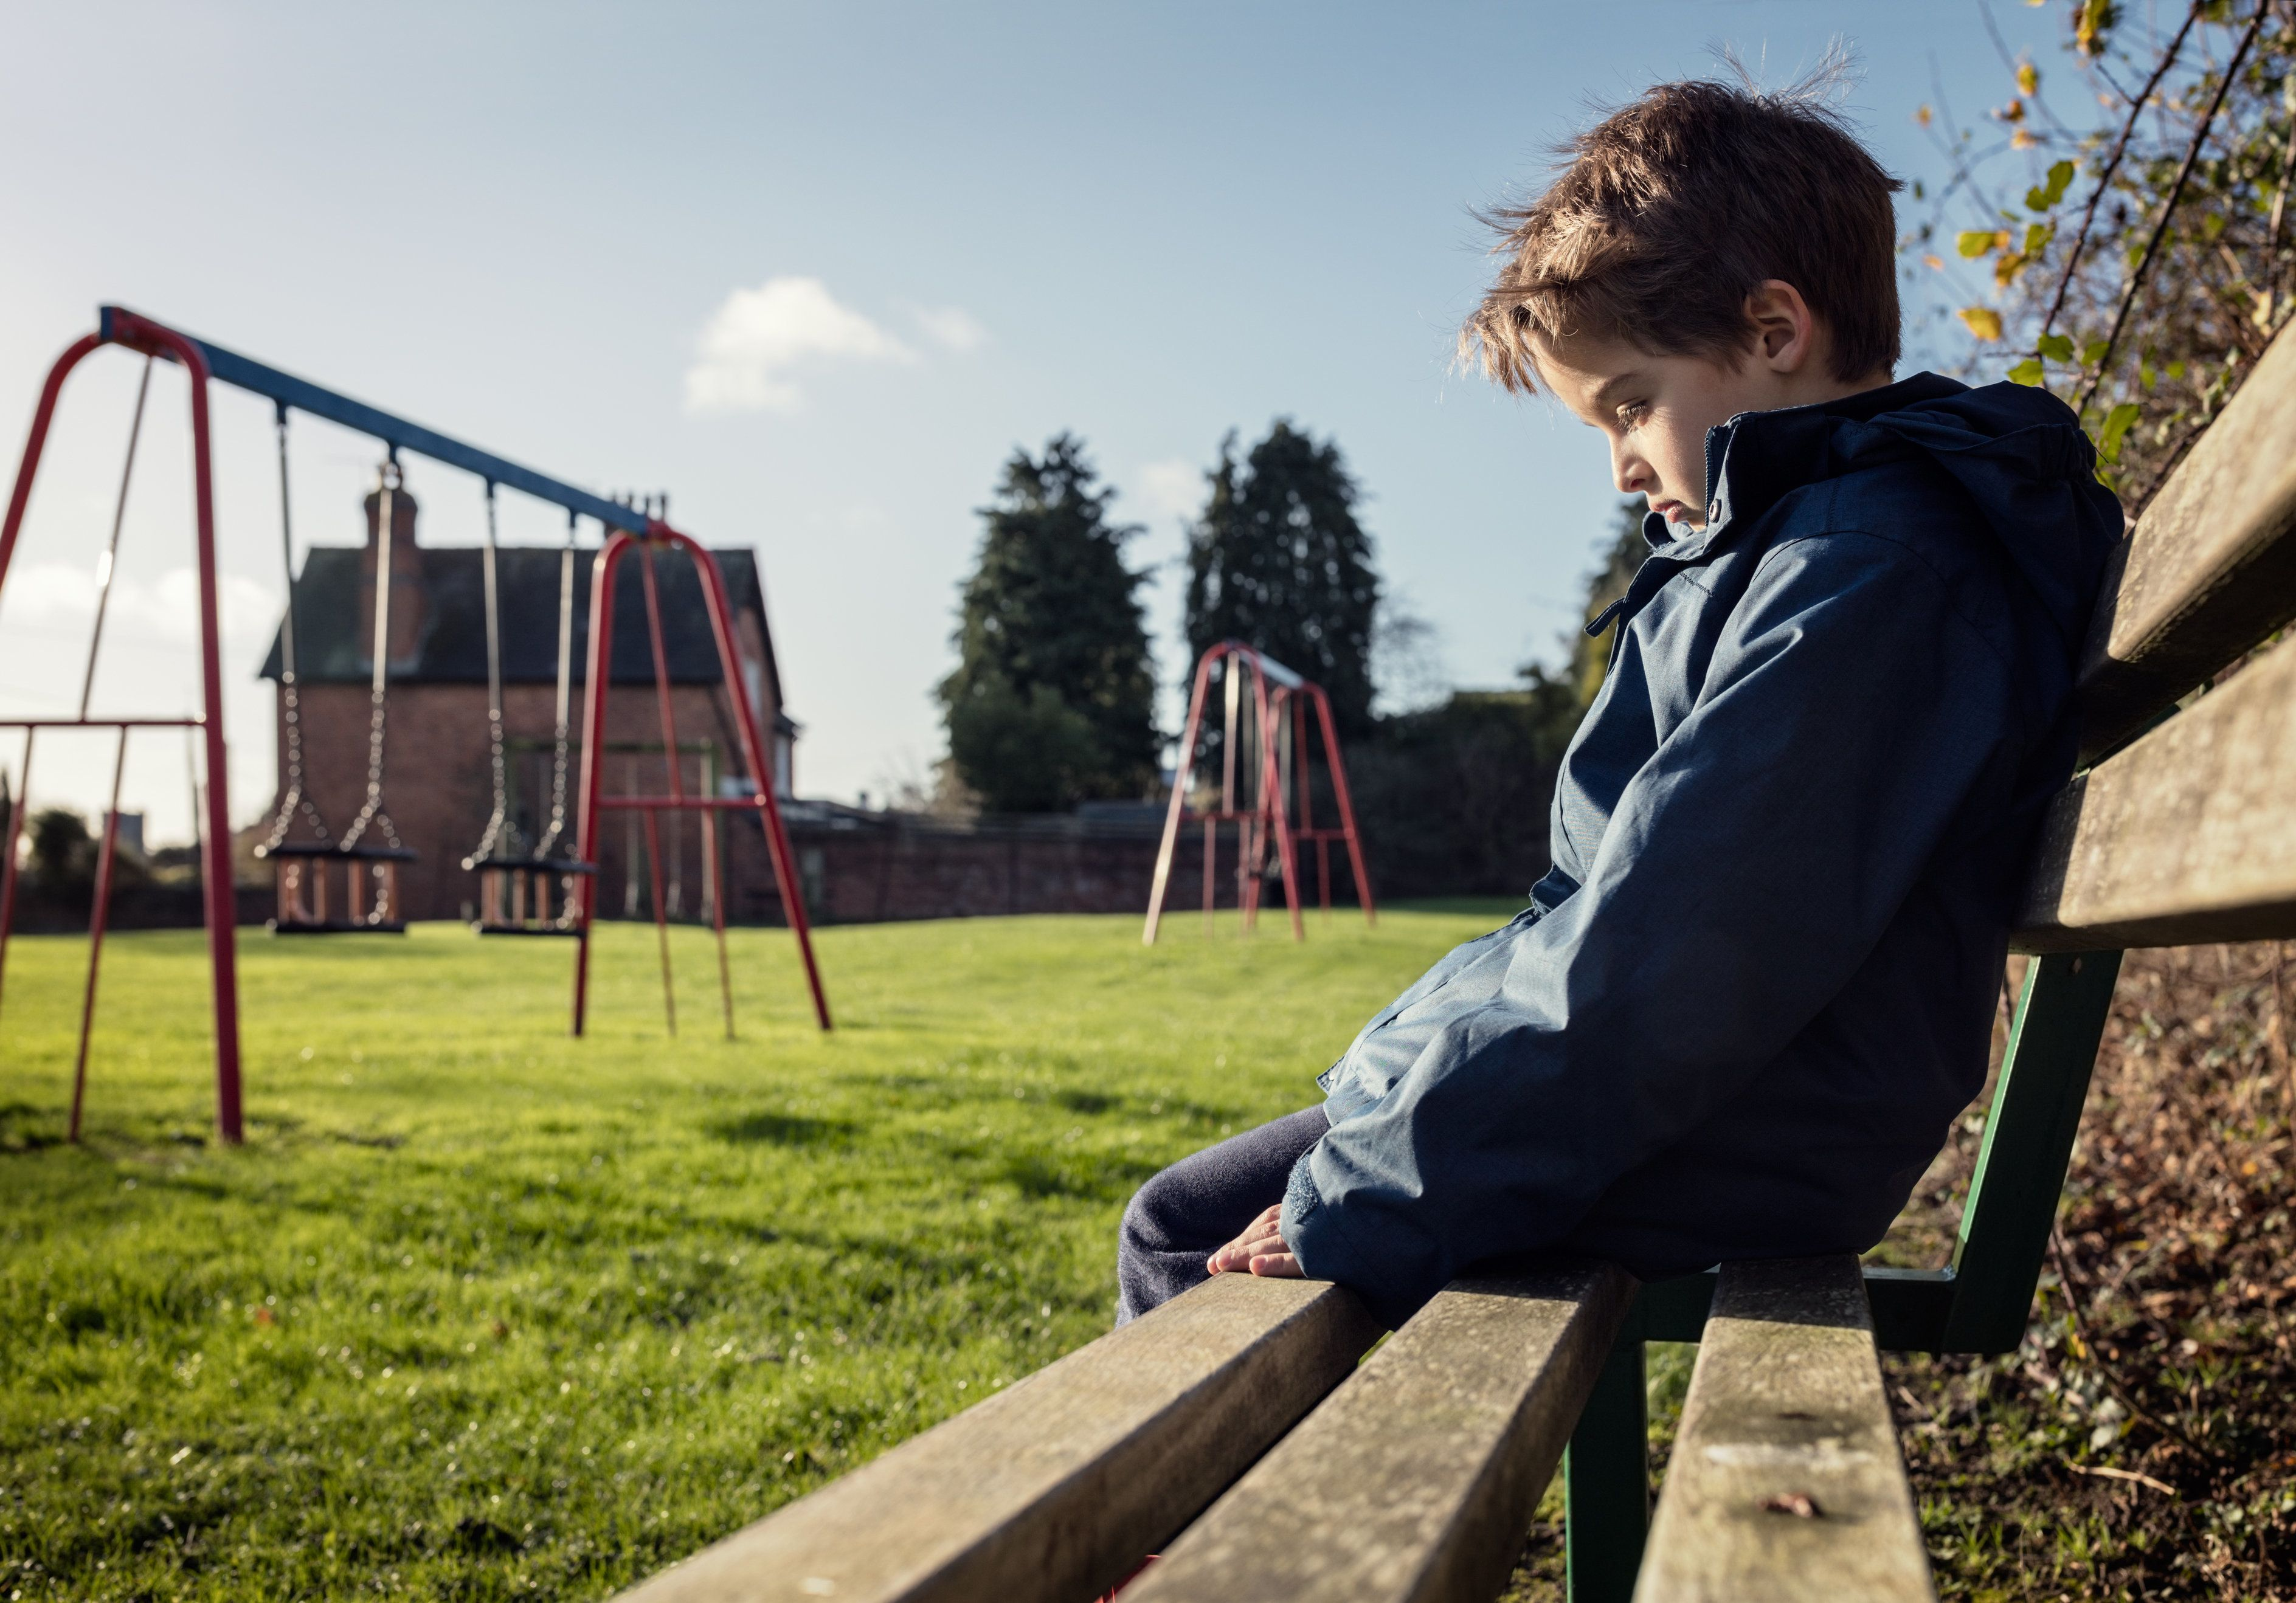 10-jähriger Junge in Regensburger Park von Mann sexuell missbraucht – Polizei sucht Zeugen